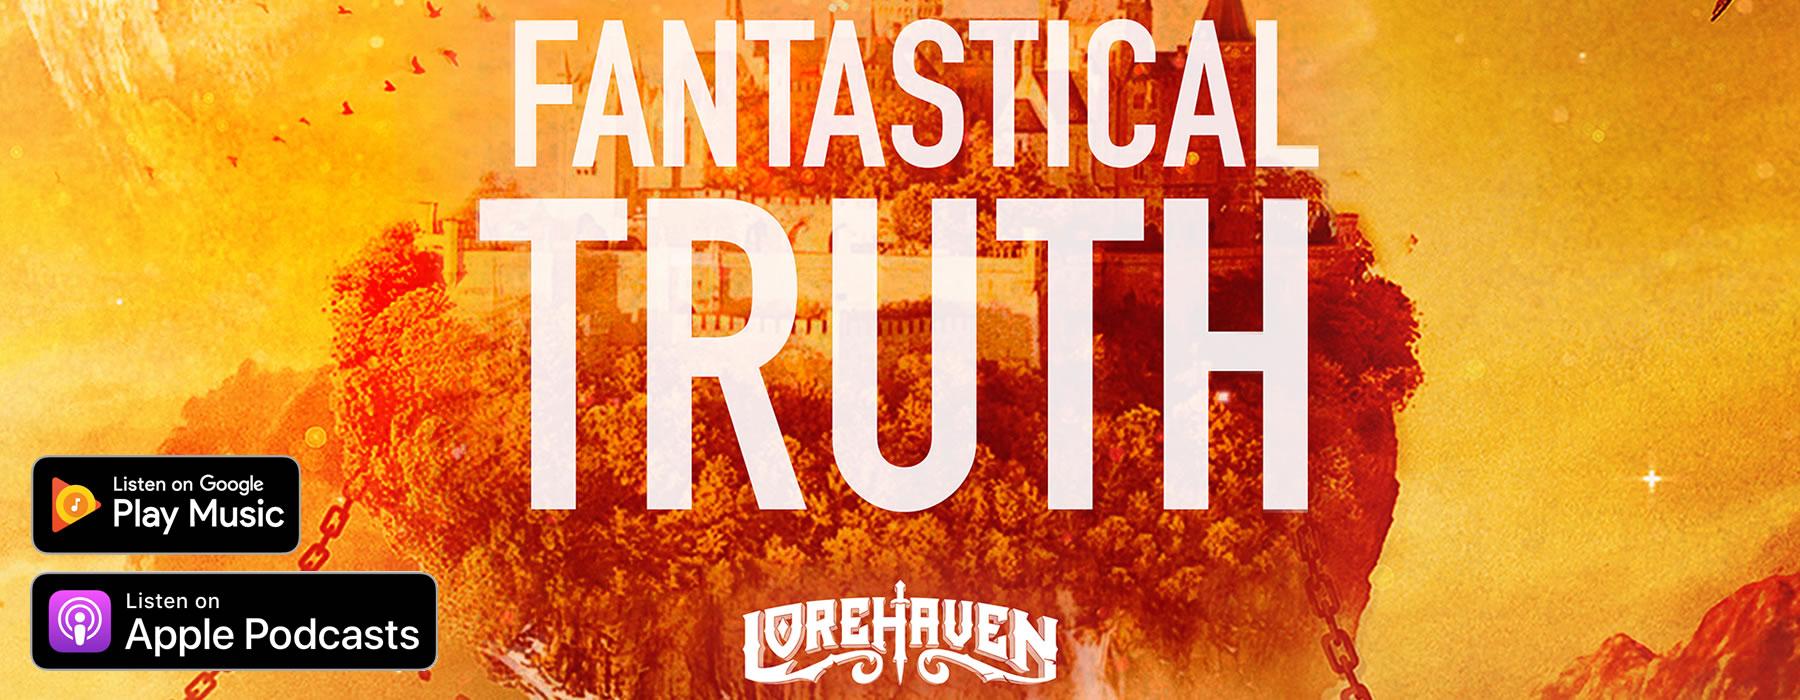 Fantastical Truth, banner